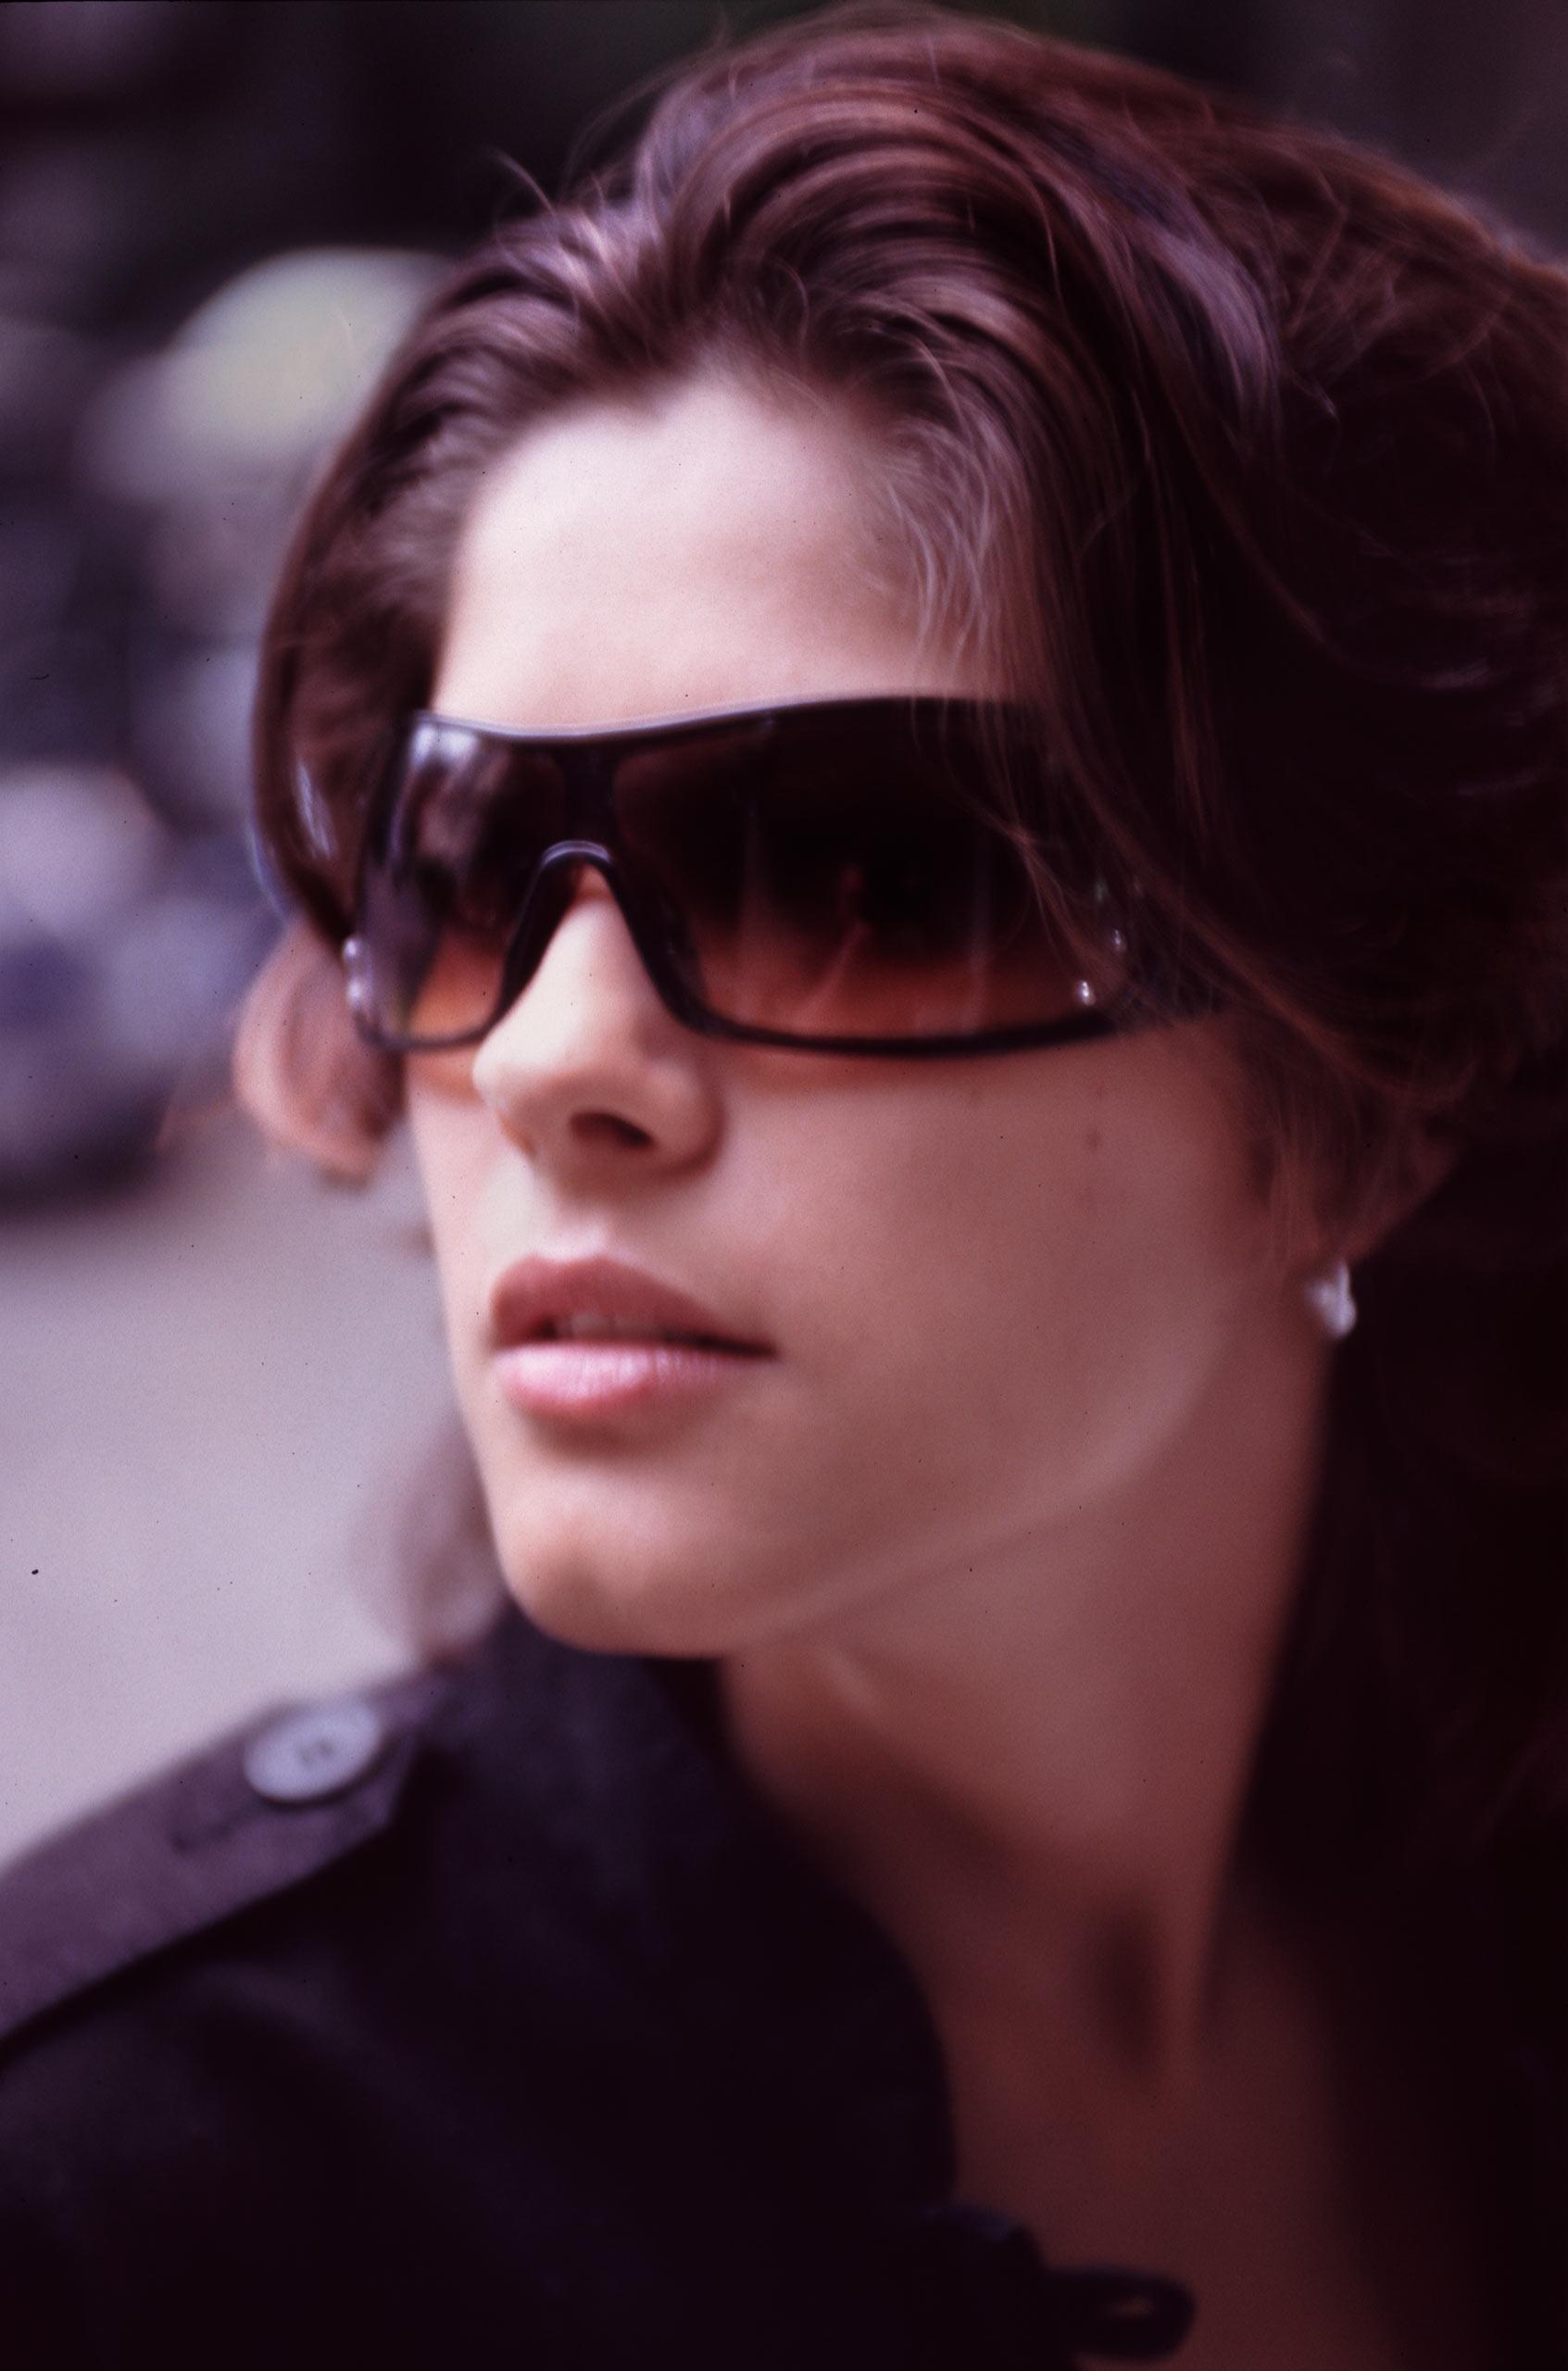 Das Foto zeigt ein stimmungsvolles Portrait einer jungen Frau mit Sonnenbrille